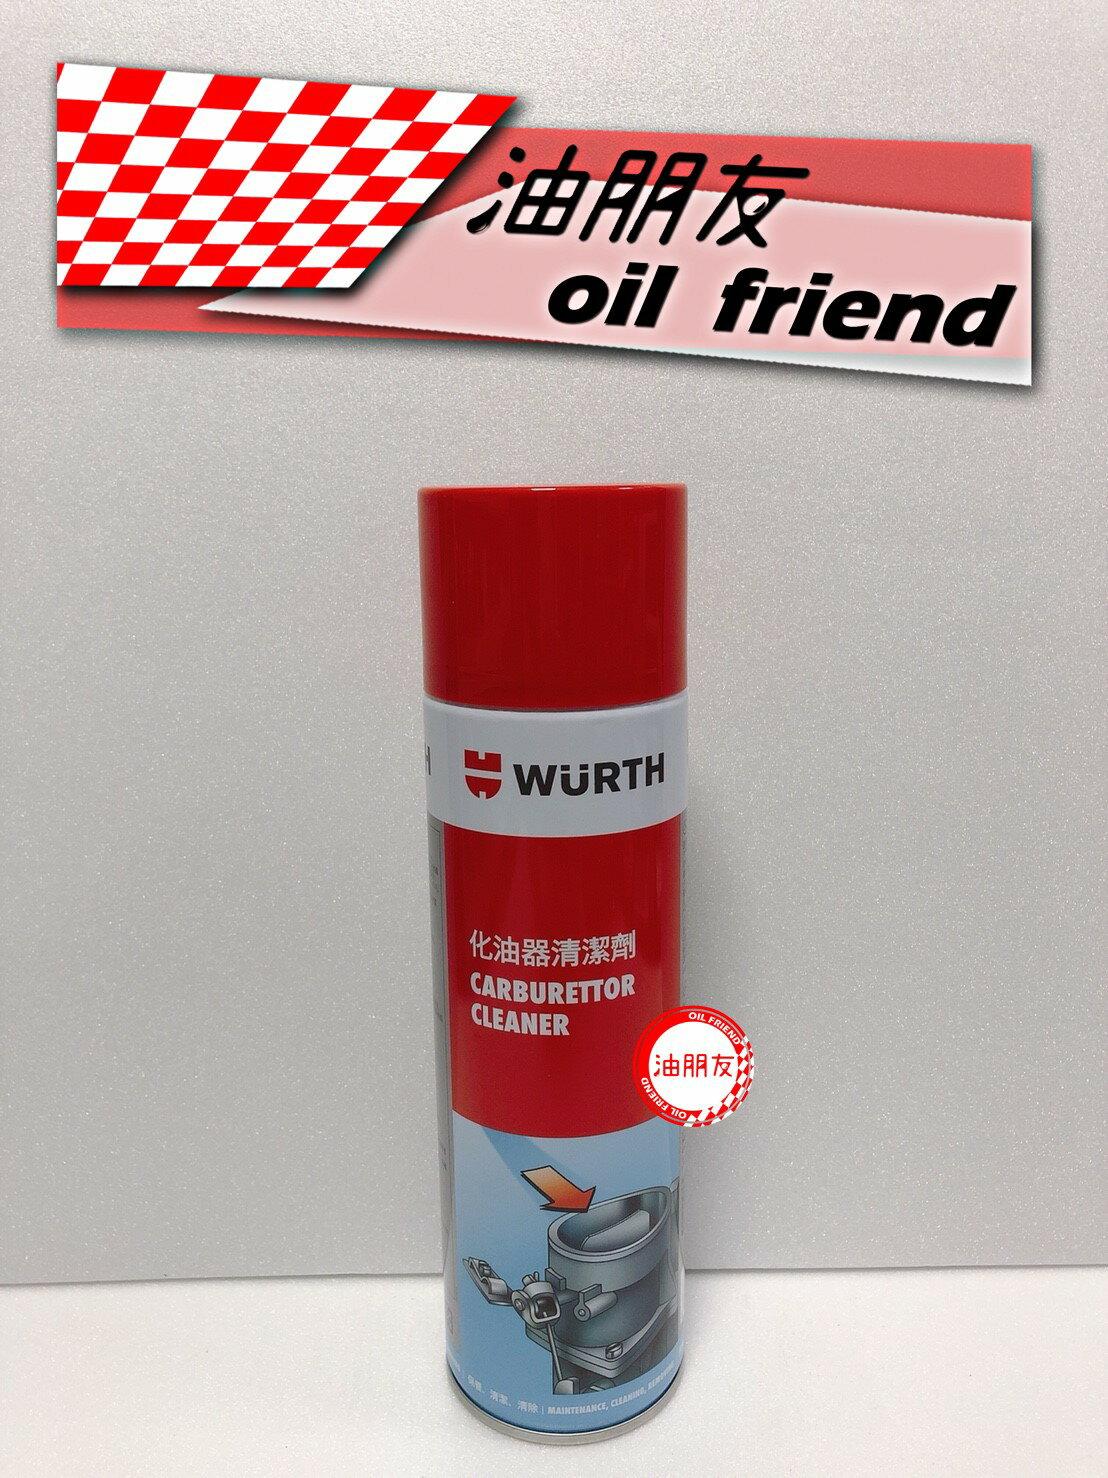 -油朋友-  貨 Wurth 福士 化油器清潔劑 化清 燃燒室清潔 節氣門清潔 清洗油污 清除金屬表面的油脂 油漬